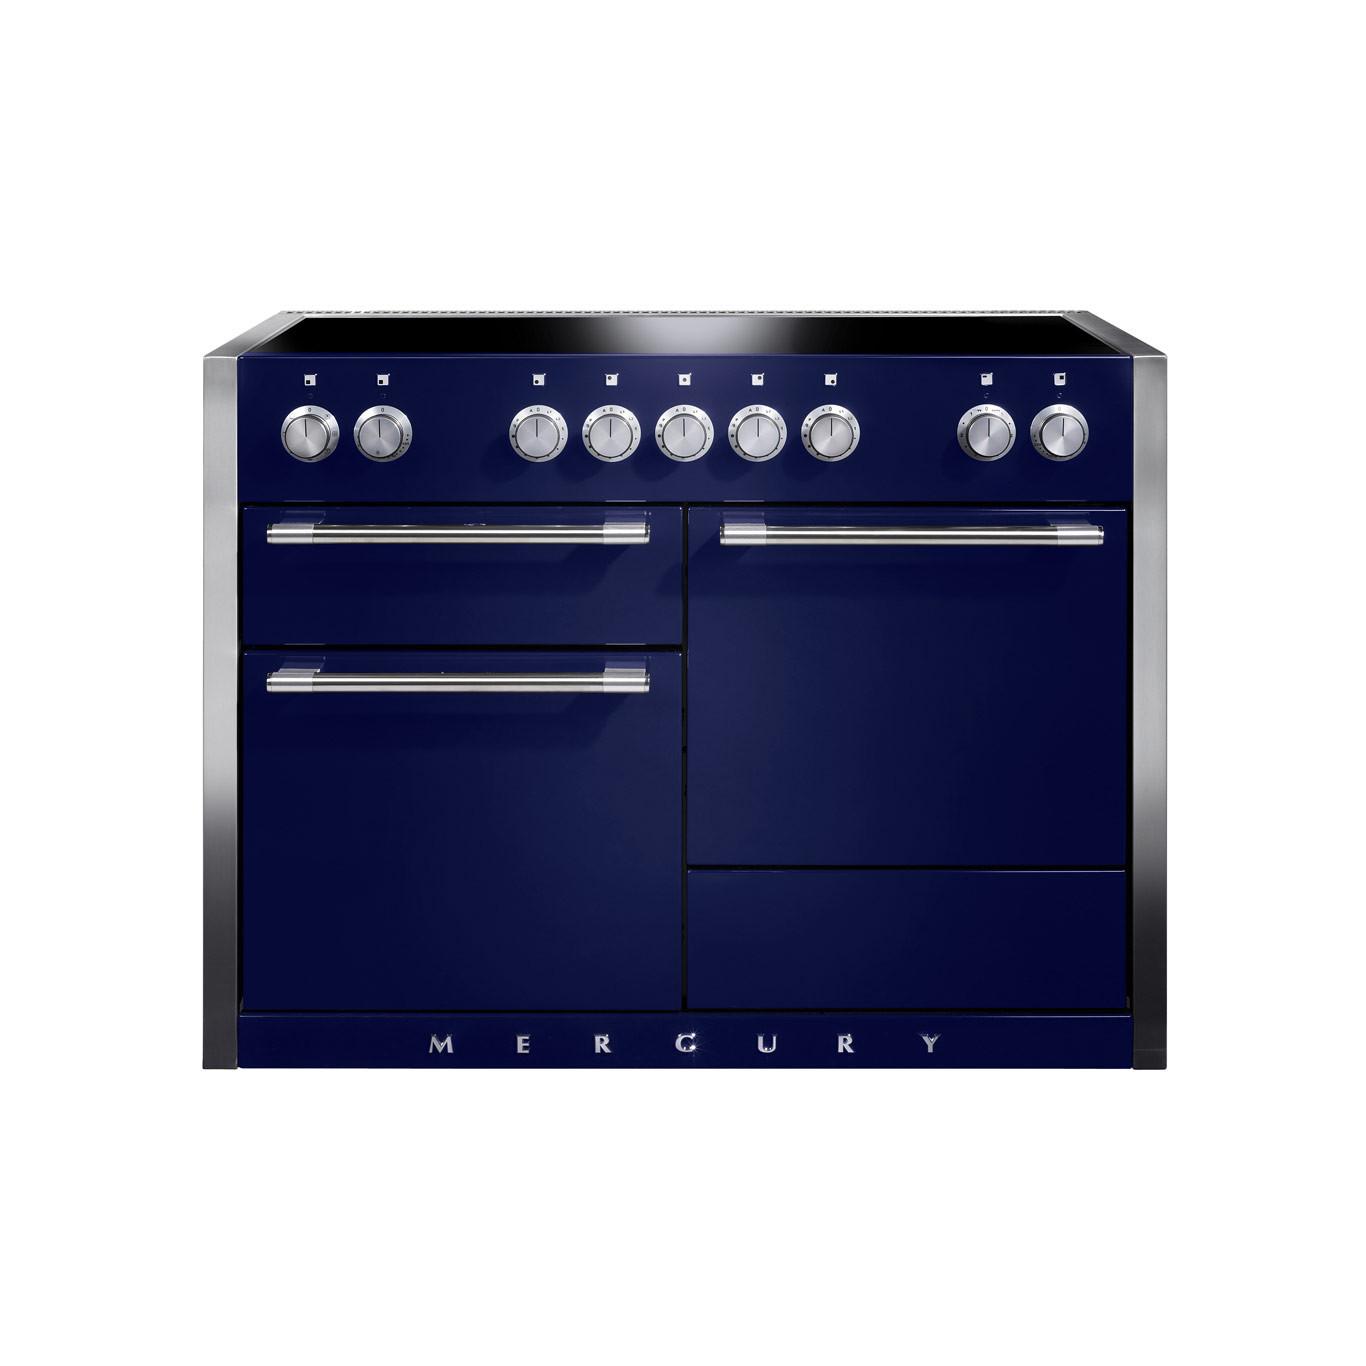 Mercury MCY1200EI Induction Blueberry Range Cooker